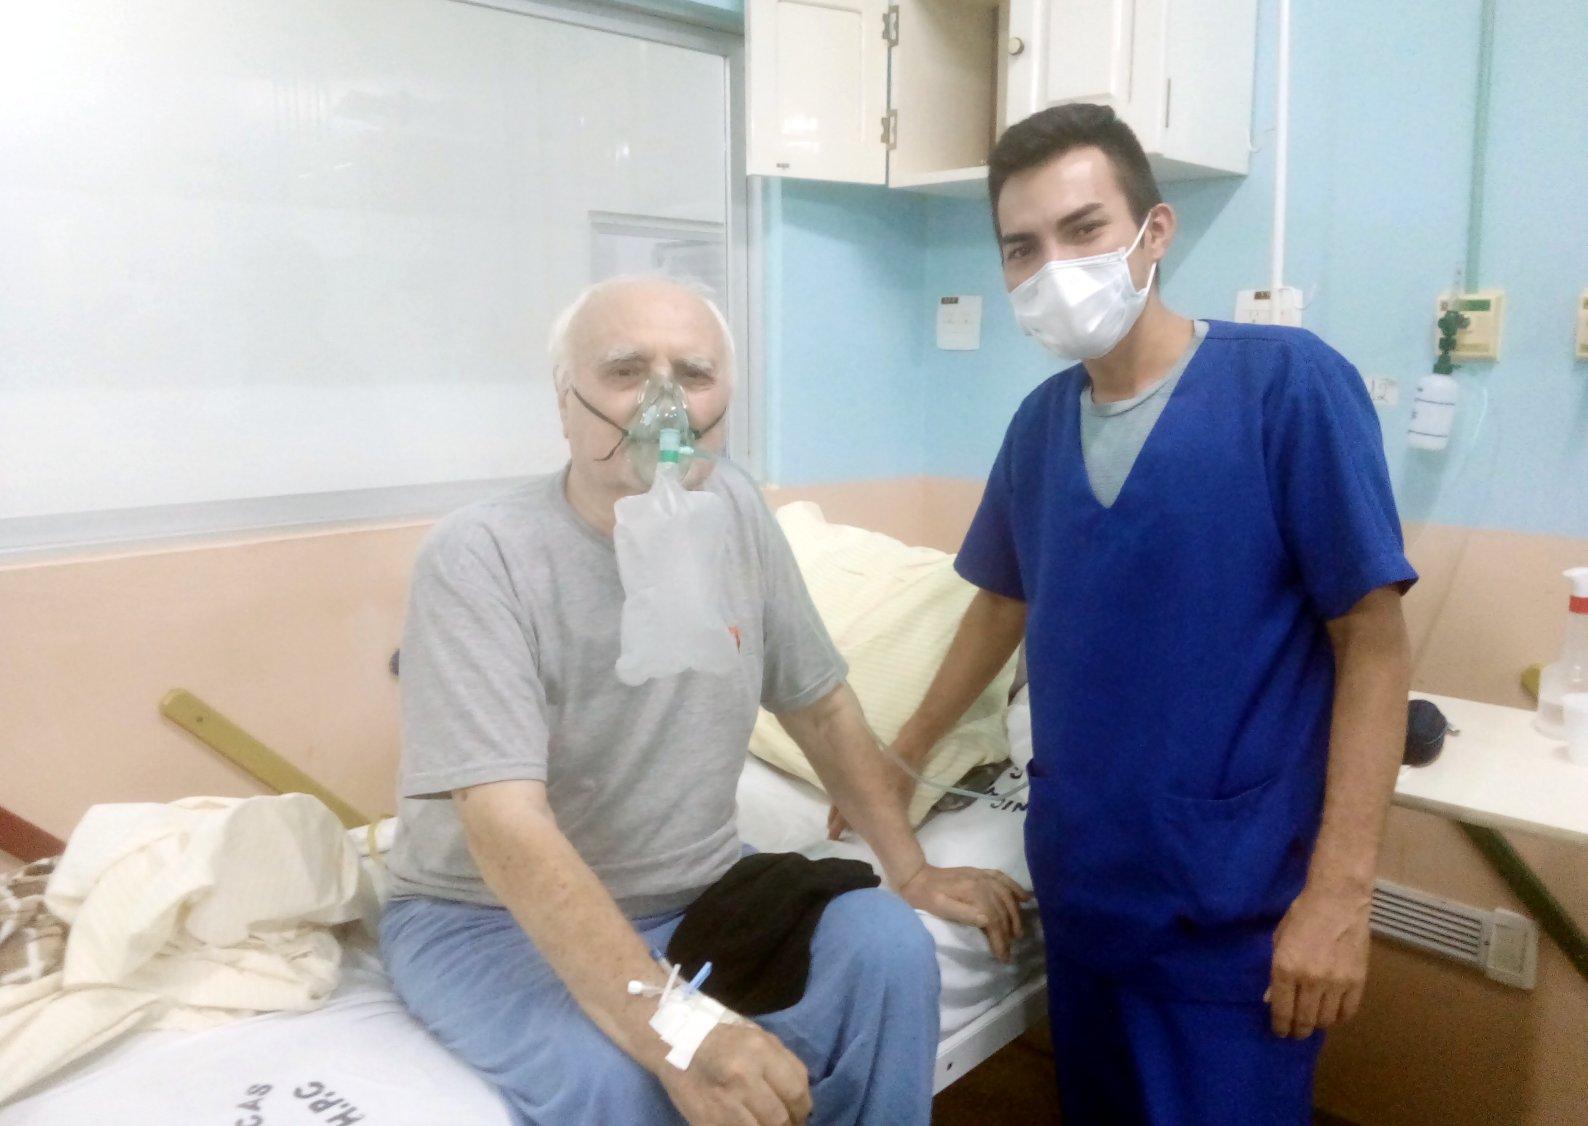 Manca ossigeno al polmone del mondo! L'Amazzonia grida al mondo